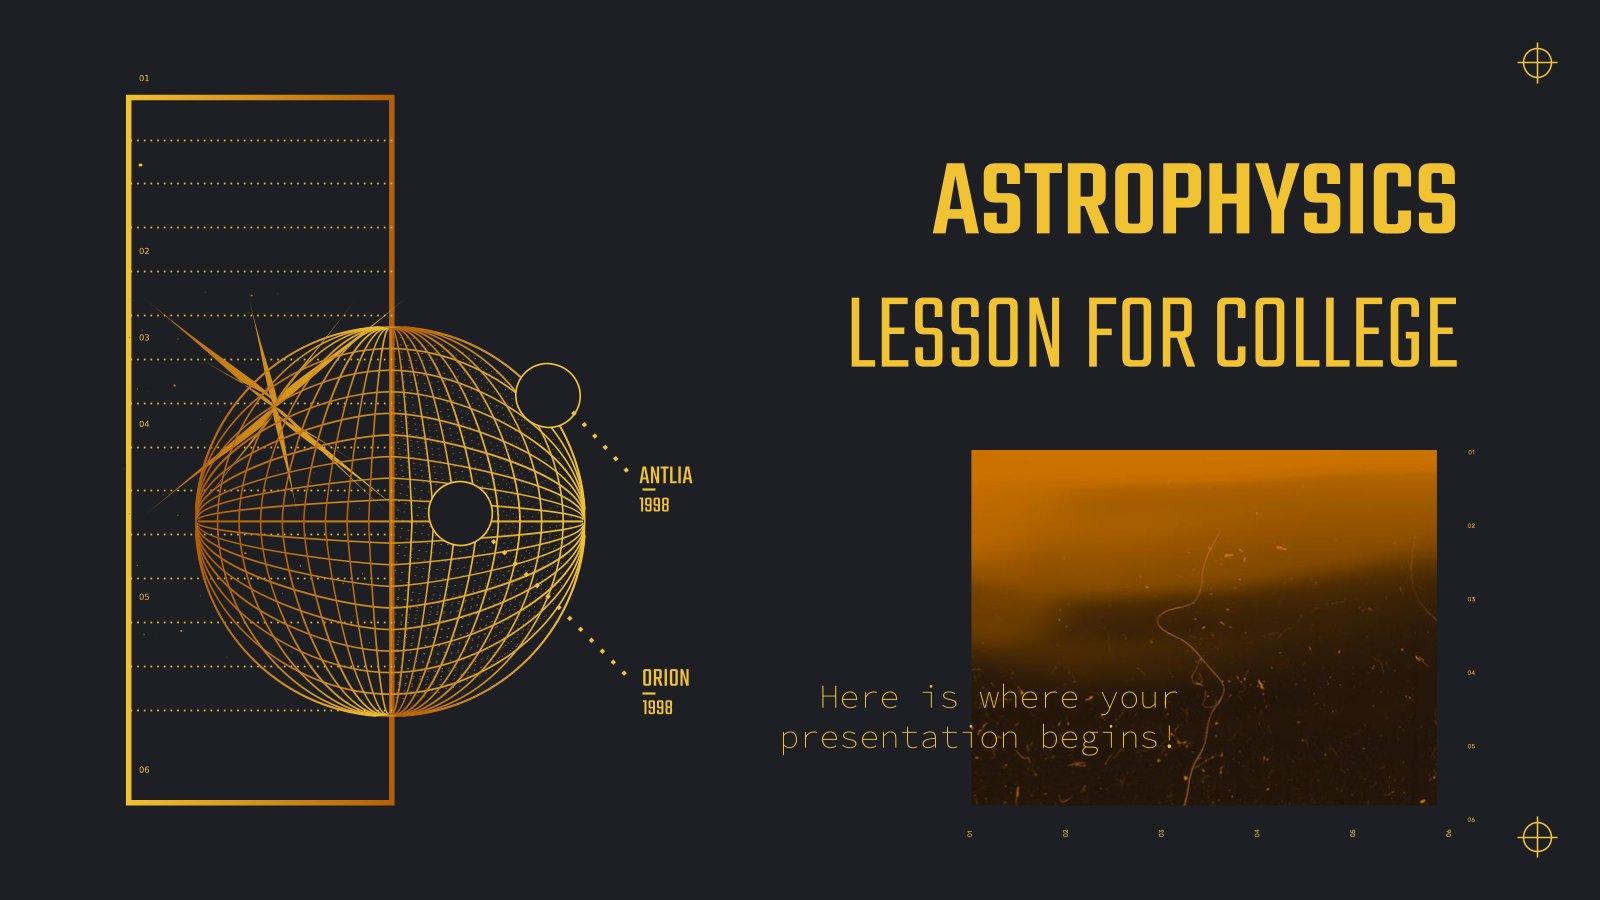 Cours d'astrophysique pour l'université : Modèles de présentation